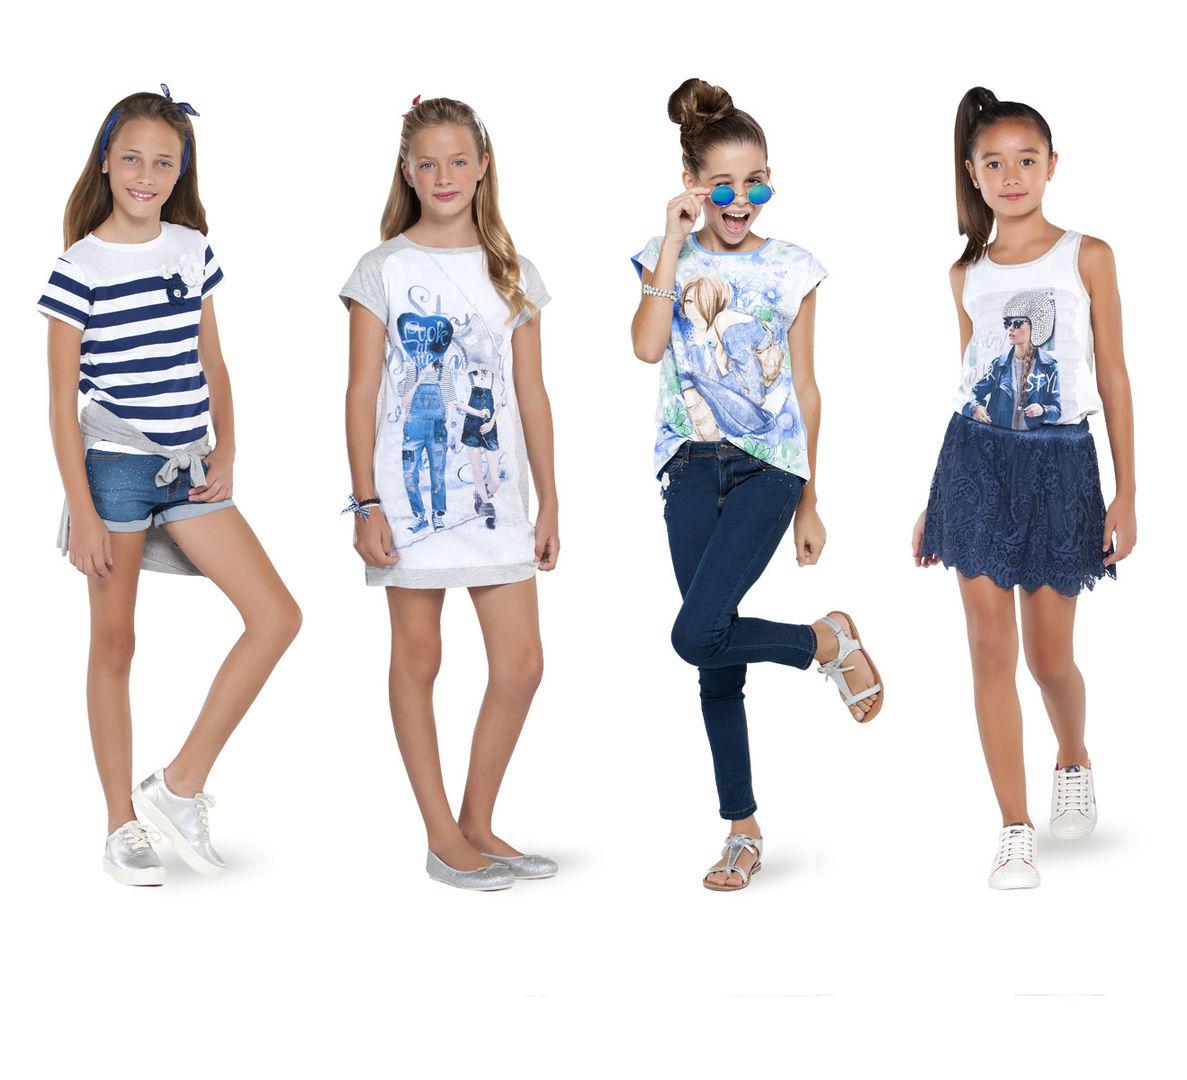 e5dbaa7c852c Одежда для подростков девочек, основные вещи базового гардероба